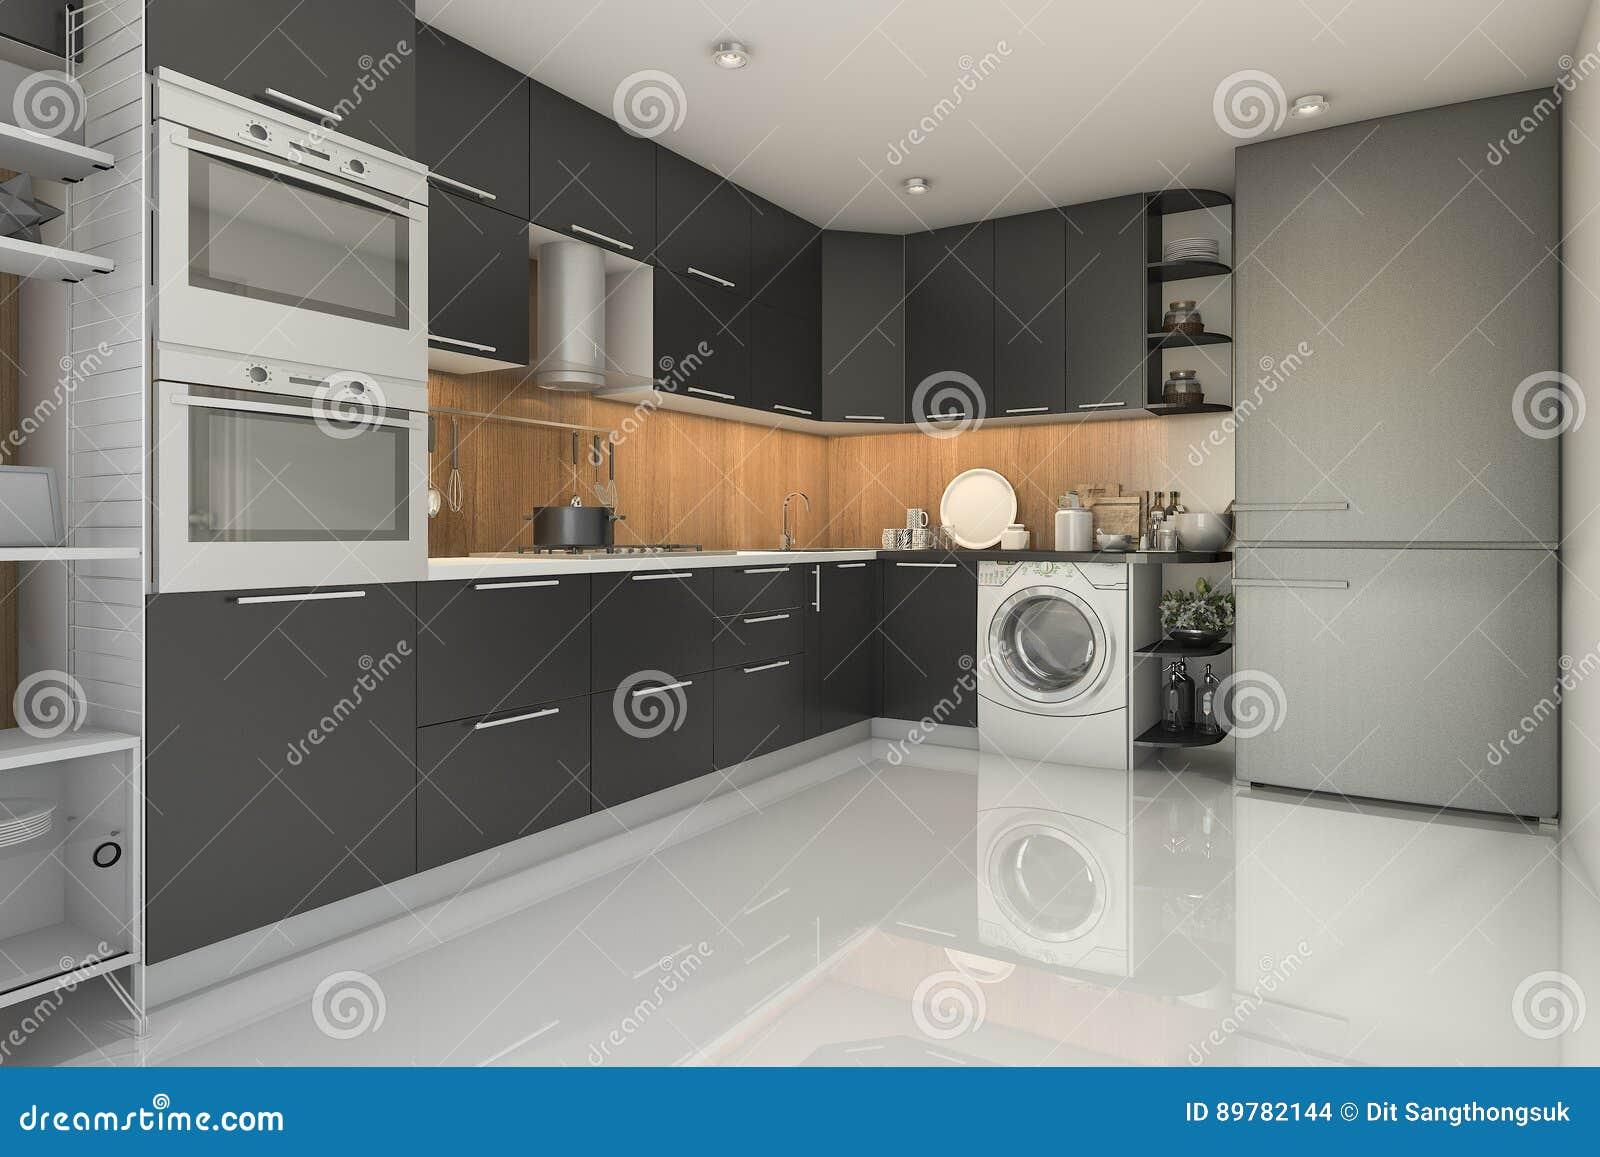 Moderne Zwarte Keuken : D het teruggeven zolder moderne zwarte keuken met wasmachine